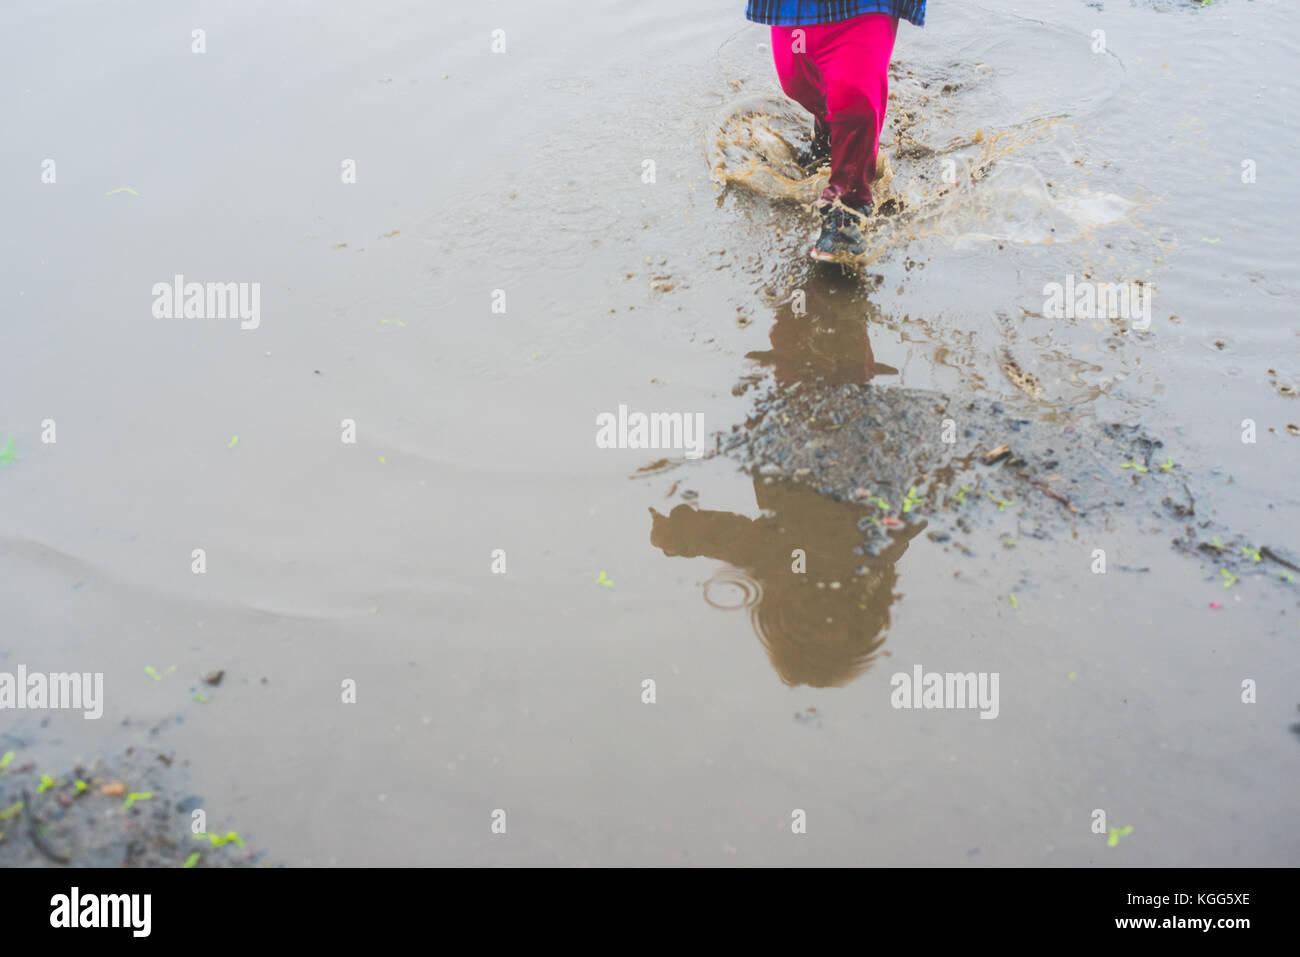 Bambino a camminare in una pozza di fango Immagini Stock